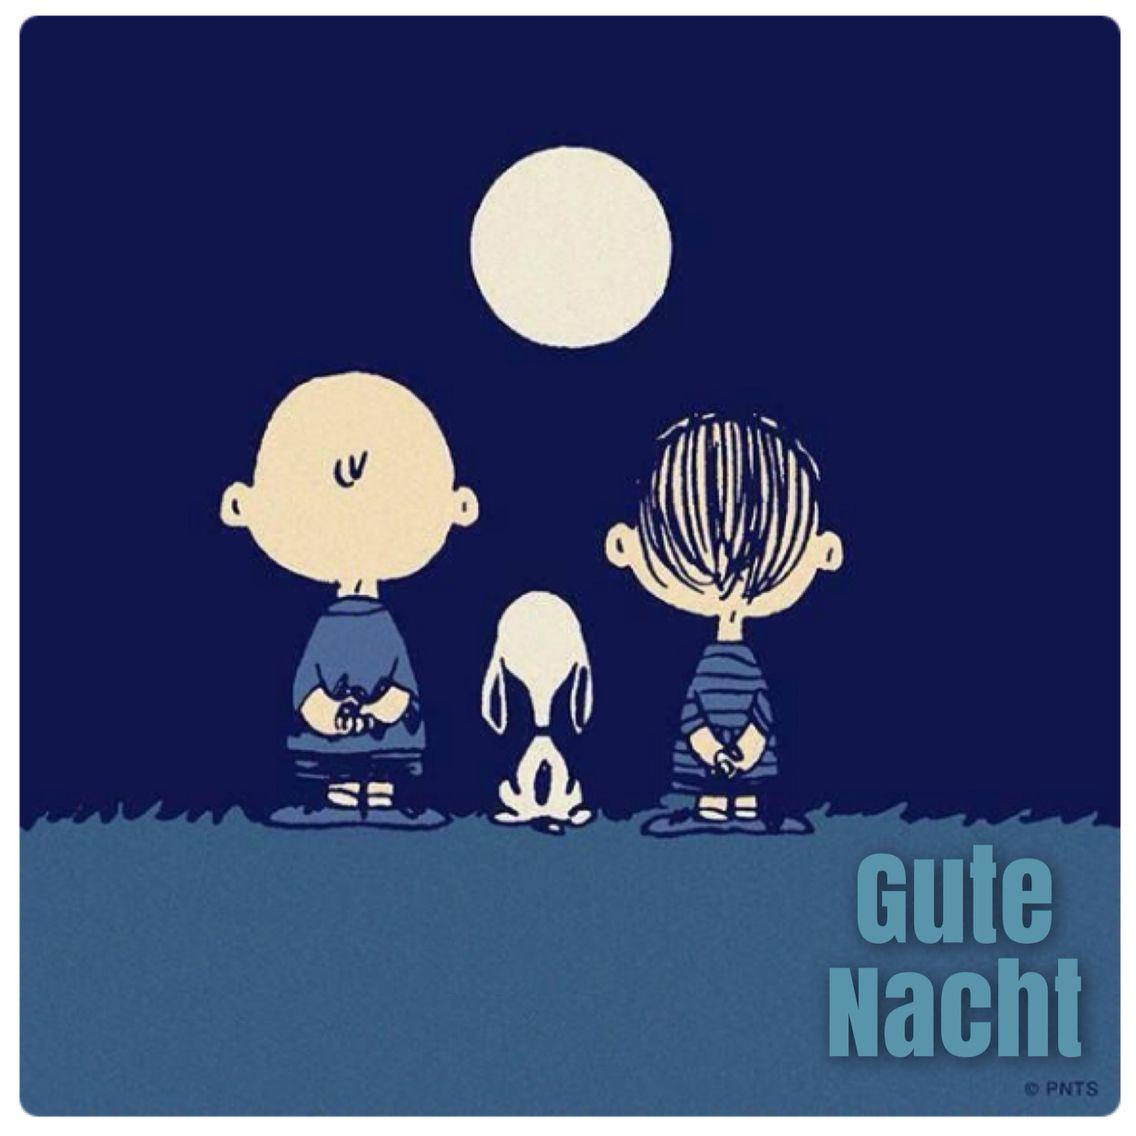 Gute Nacht, Snoopy. | Snoopy | Pinterest | Gute nacht und Nacht